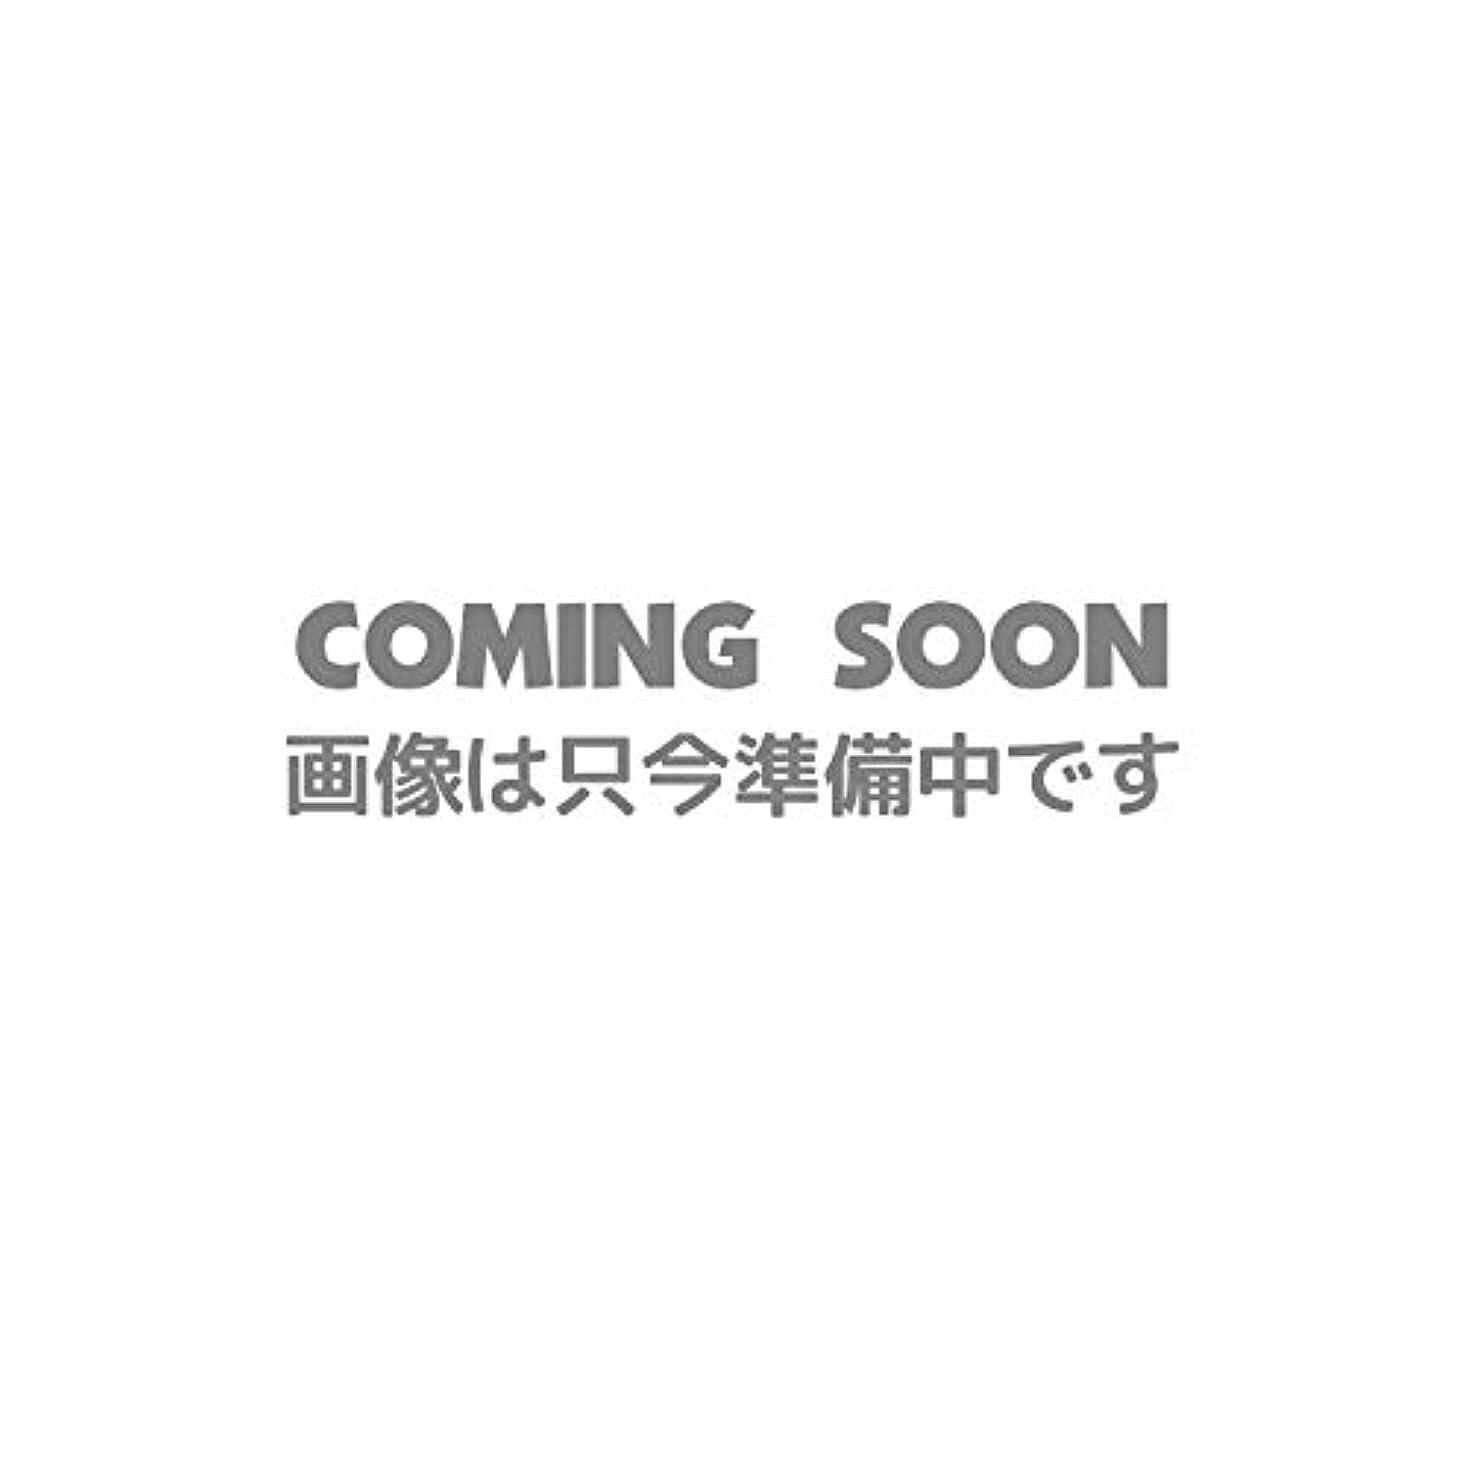 トーク保守的密輸SHO-BI ディズニープリンセス コーム [192766]